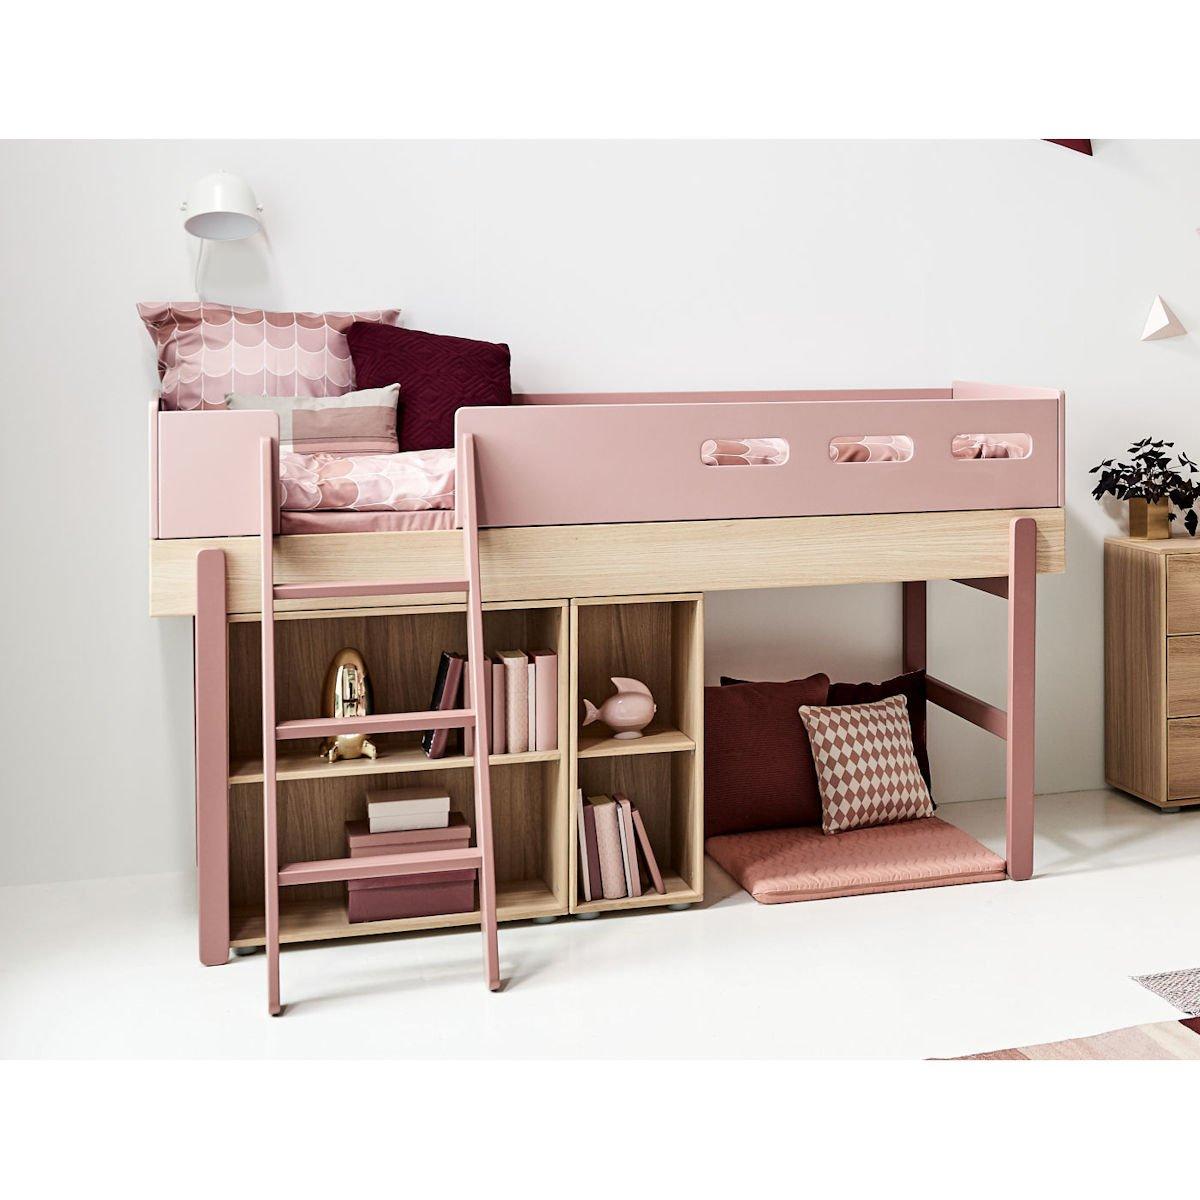 Full Size of Halbhohes Hochbett Flexa Popsicle Bett 90x200 Cherry 80 24302 33 900 Wohnzimmer Halbhohes Hochbett